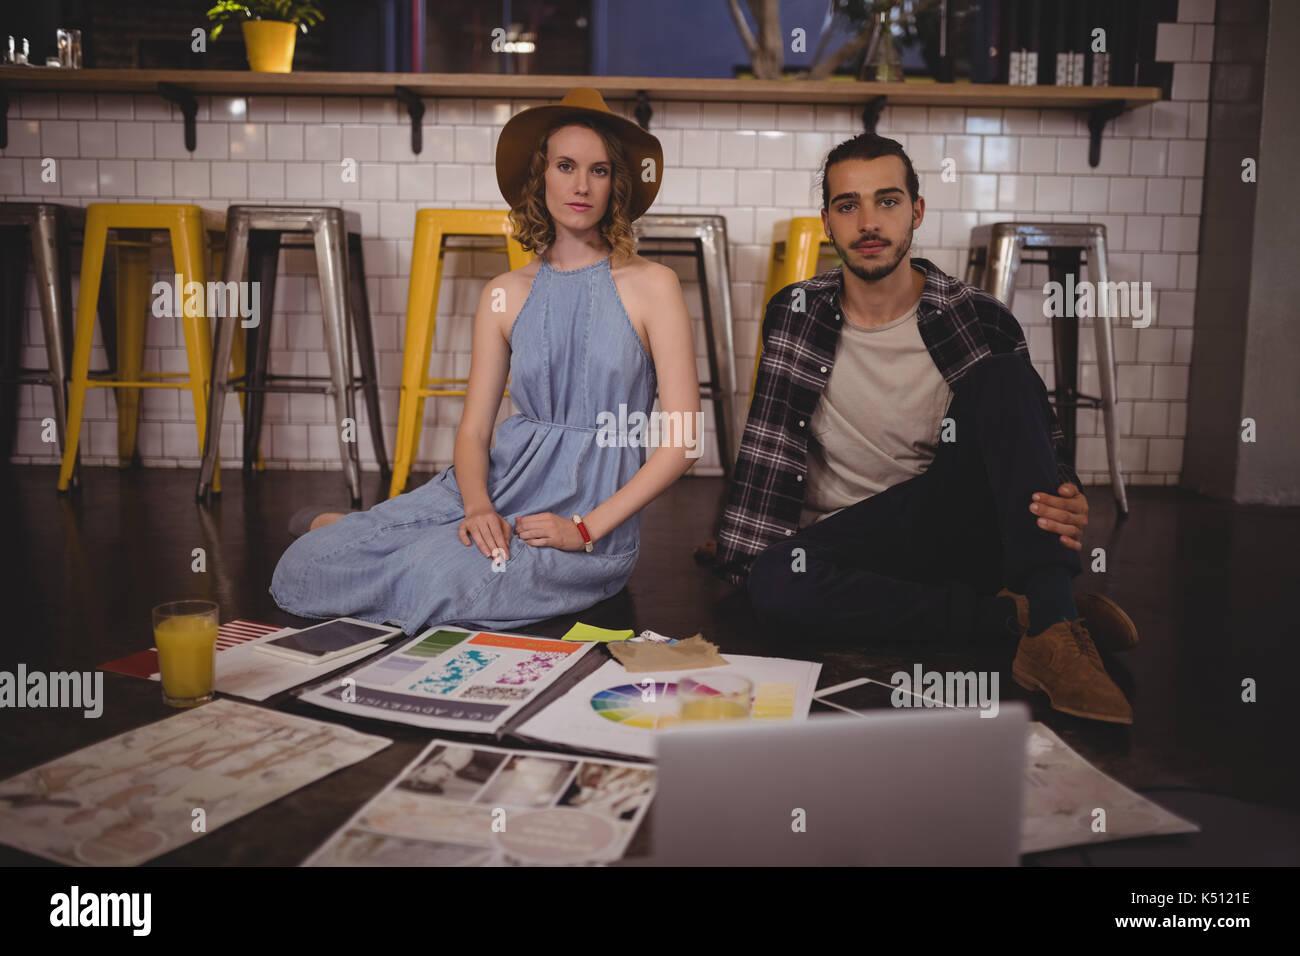 Ritratto di giovani creativi professionisti seduti sul pavimento con le carte presso la caffetteria Immagini Stock